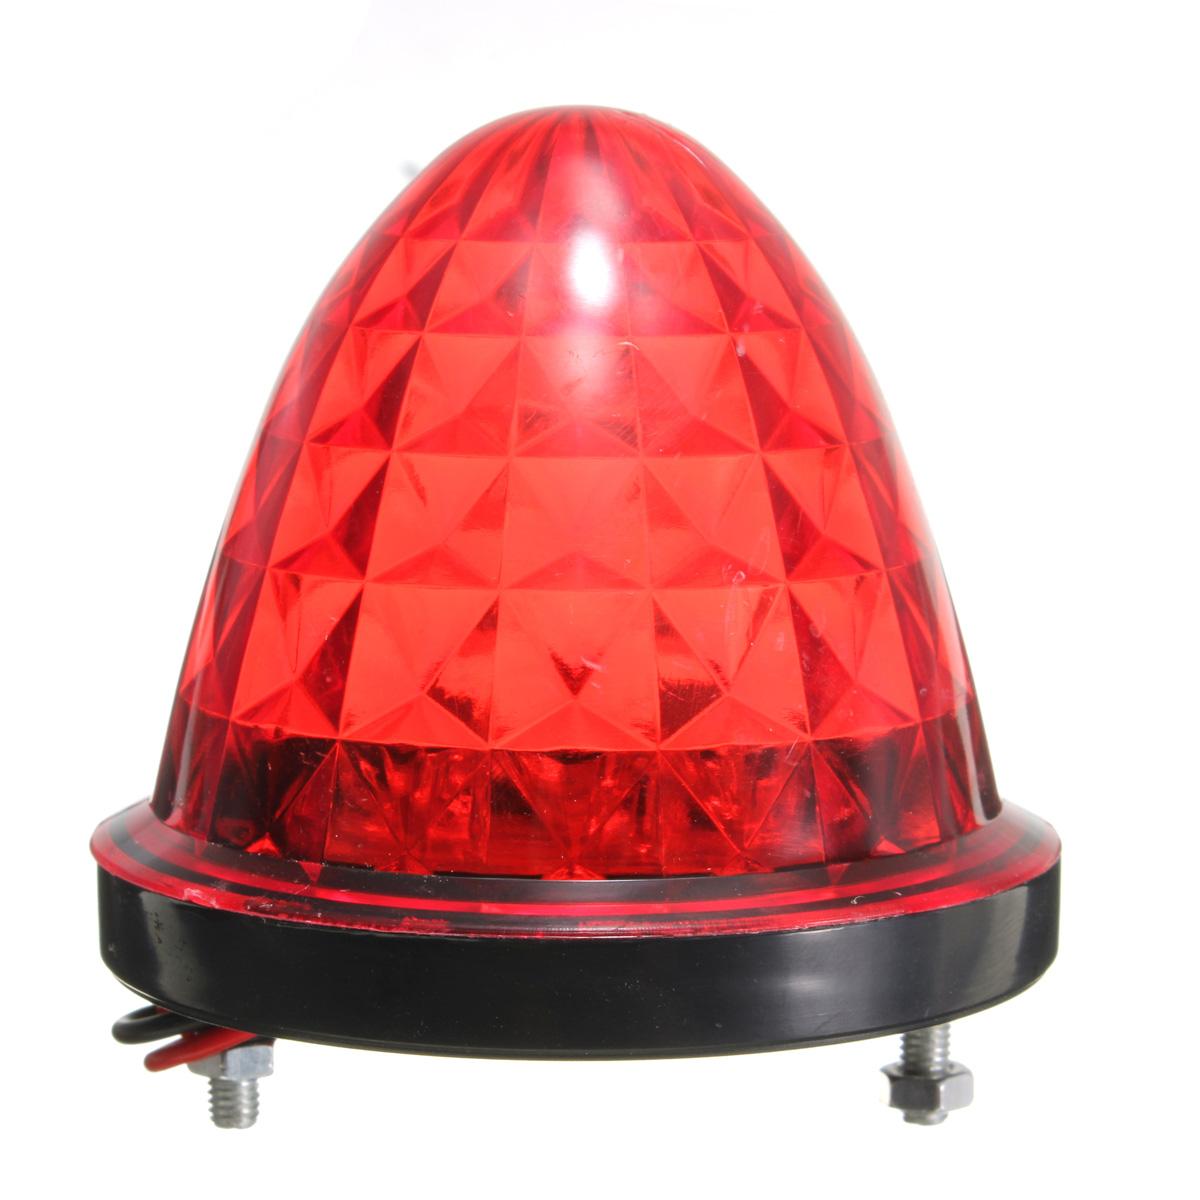 Red Truck Lamp : V led bullet shaped lamp side warnning light for truck